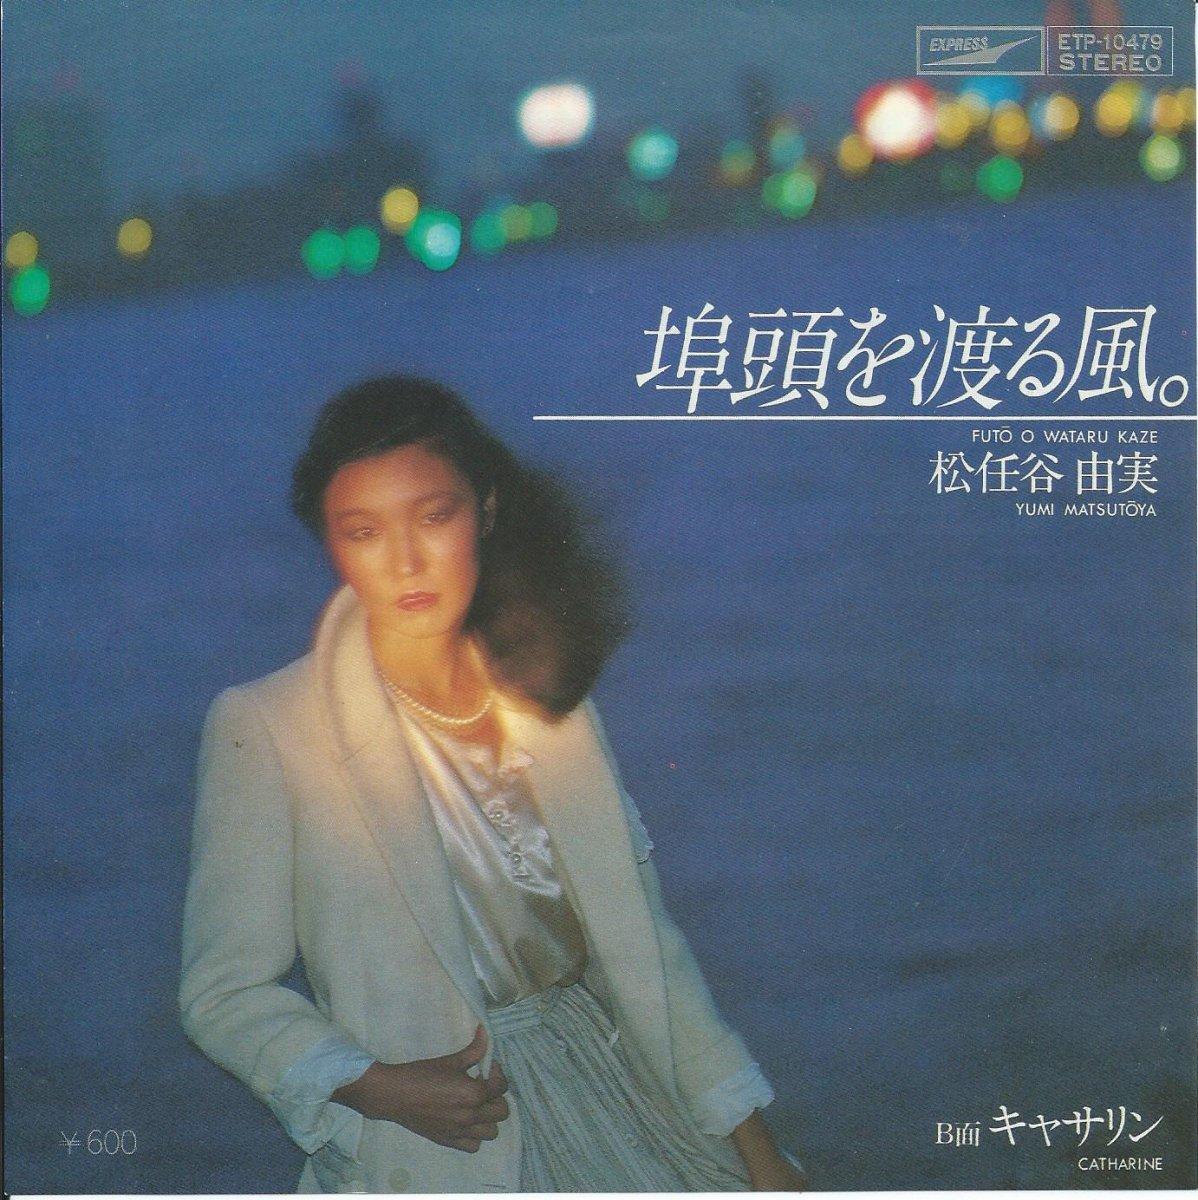 松任谷由実 YUMI MATSUTOYA / 埠頭を渡る風 / キャサリン (7